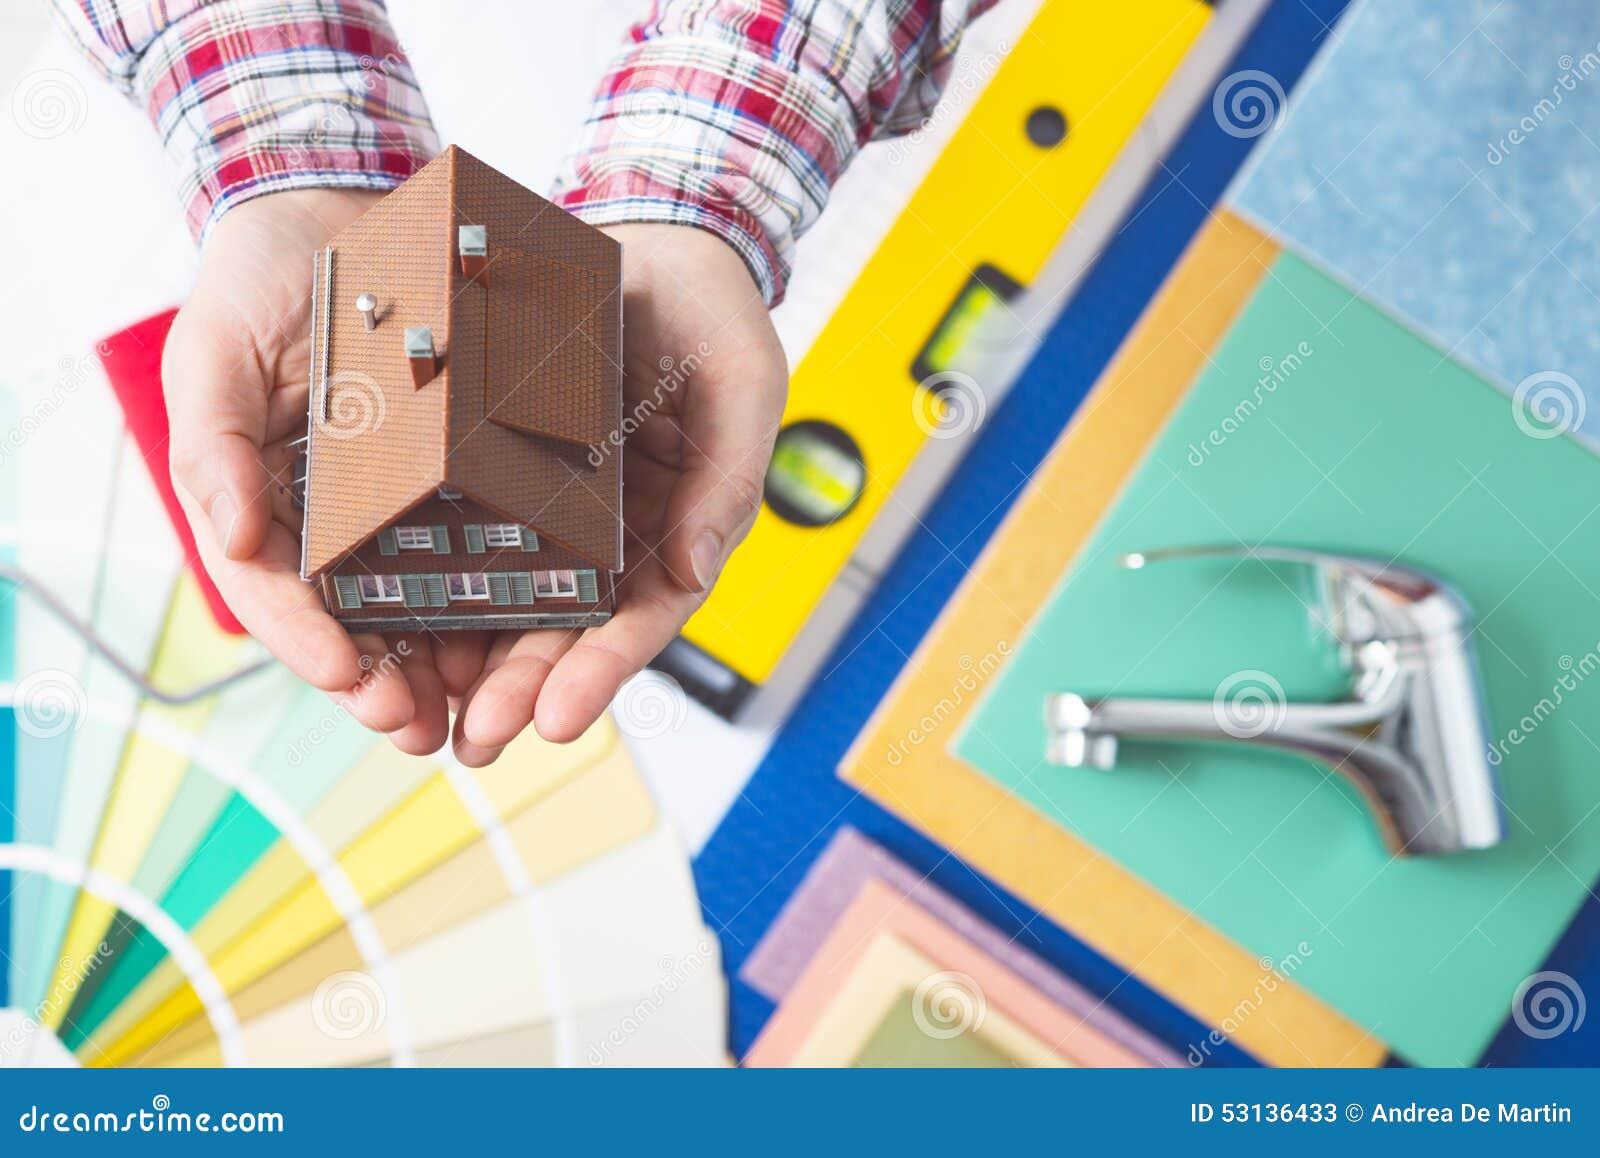 Model home repair